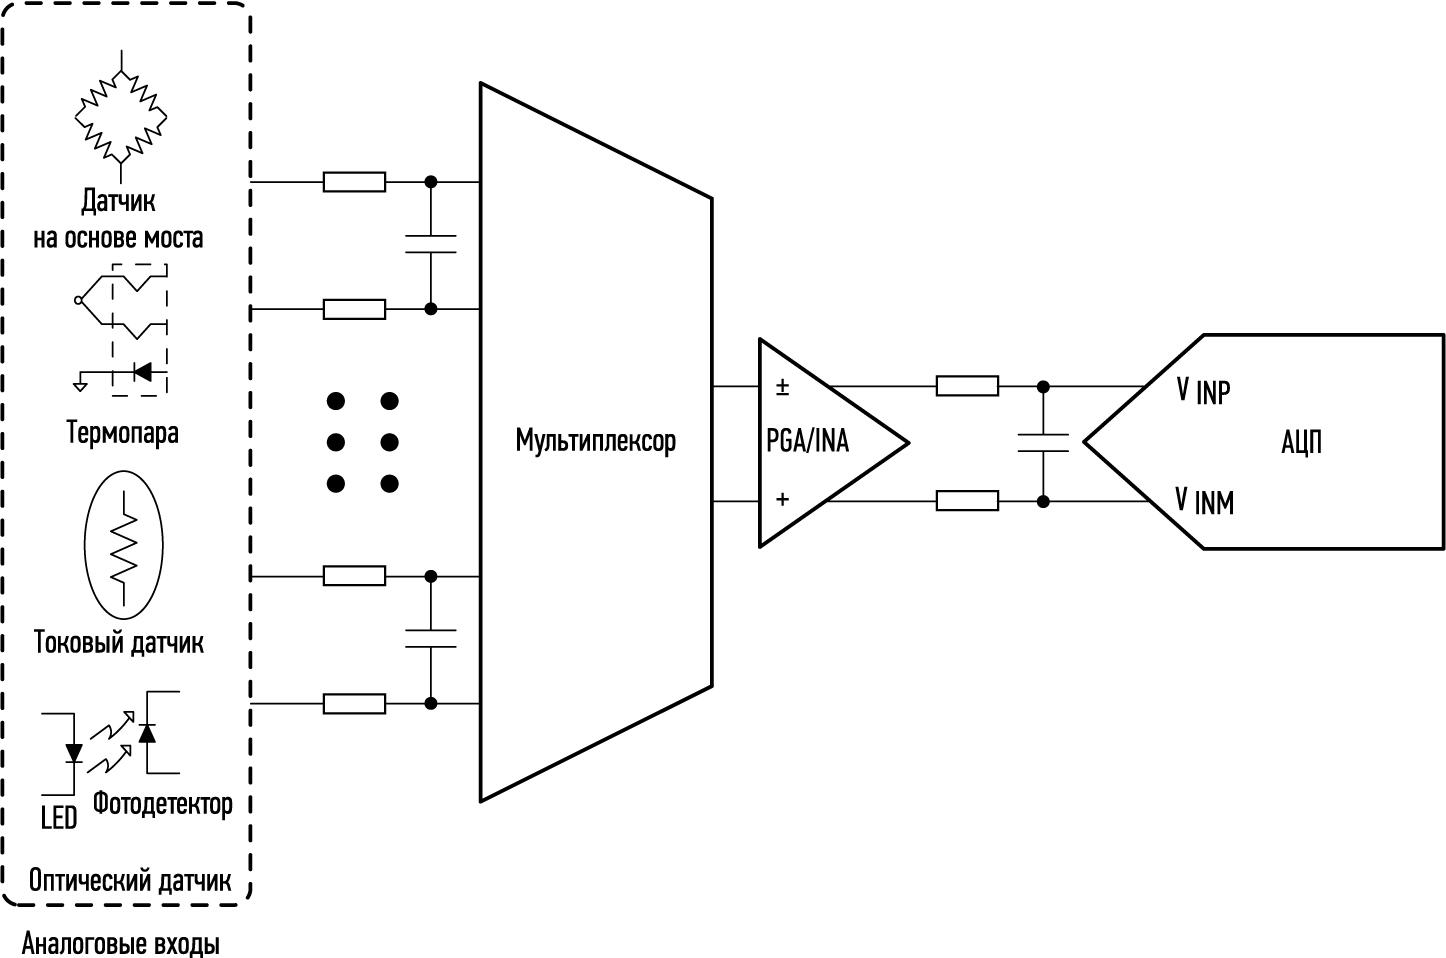 Пример подключения мультиплексора к АЦП